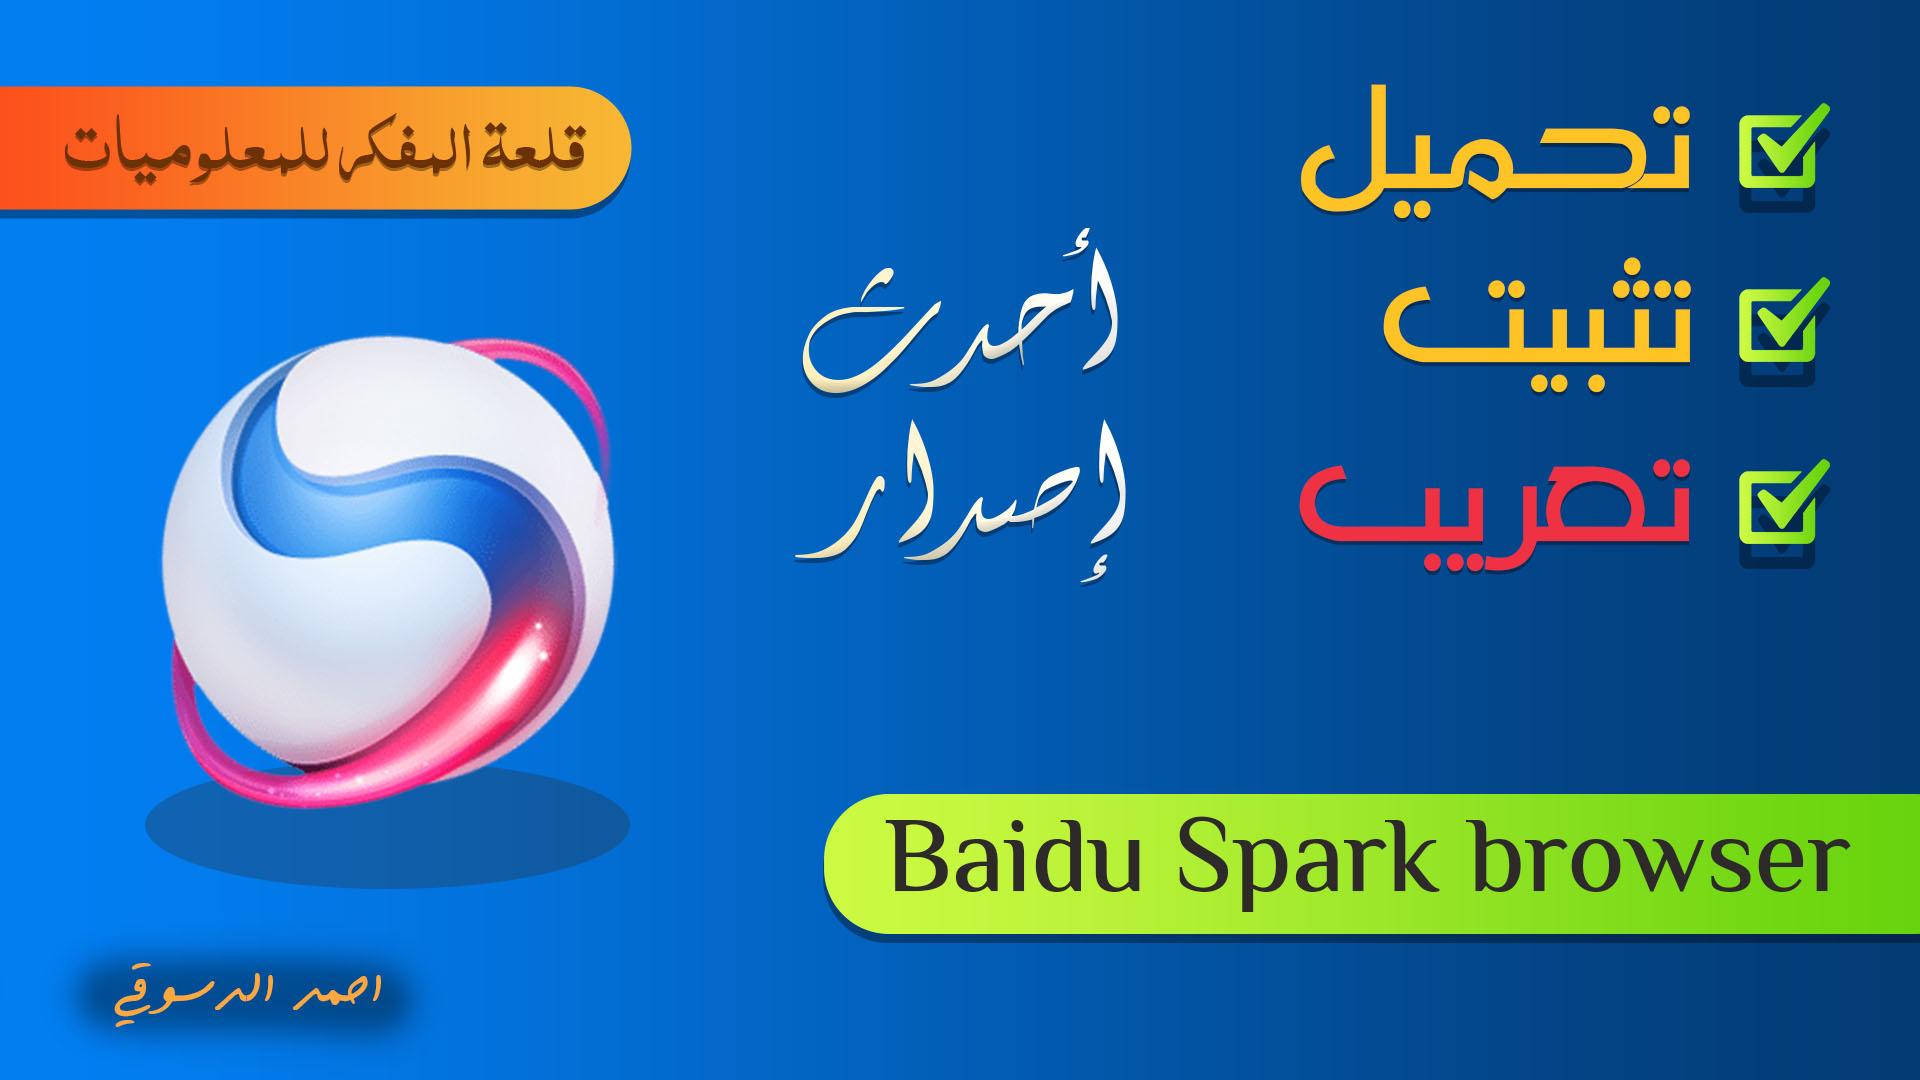 شرح تحميل أحدث إصدار من متصفح سبارك عربي يدعم التحميل